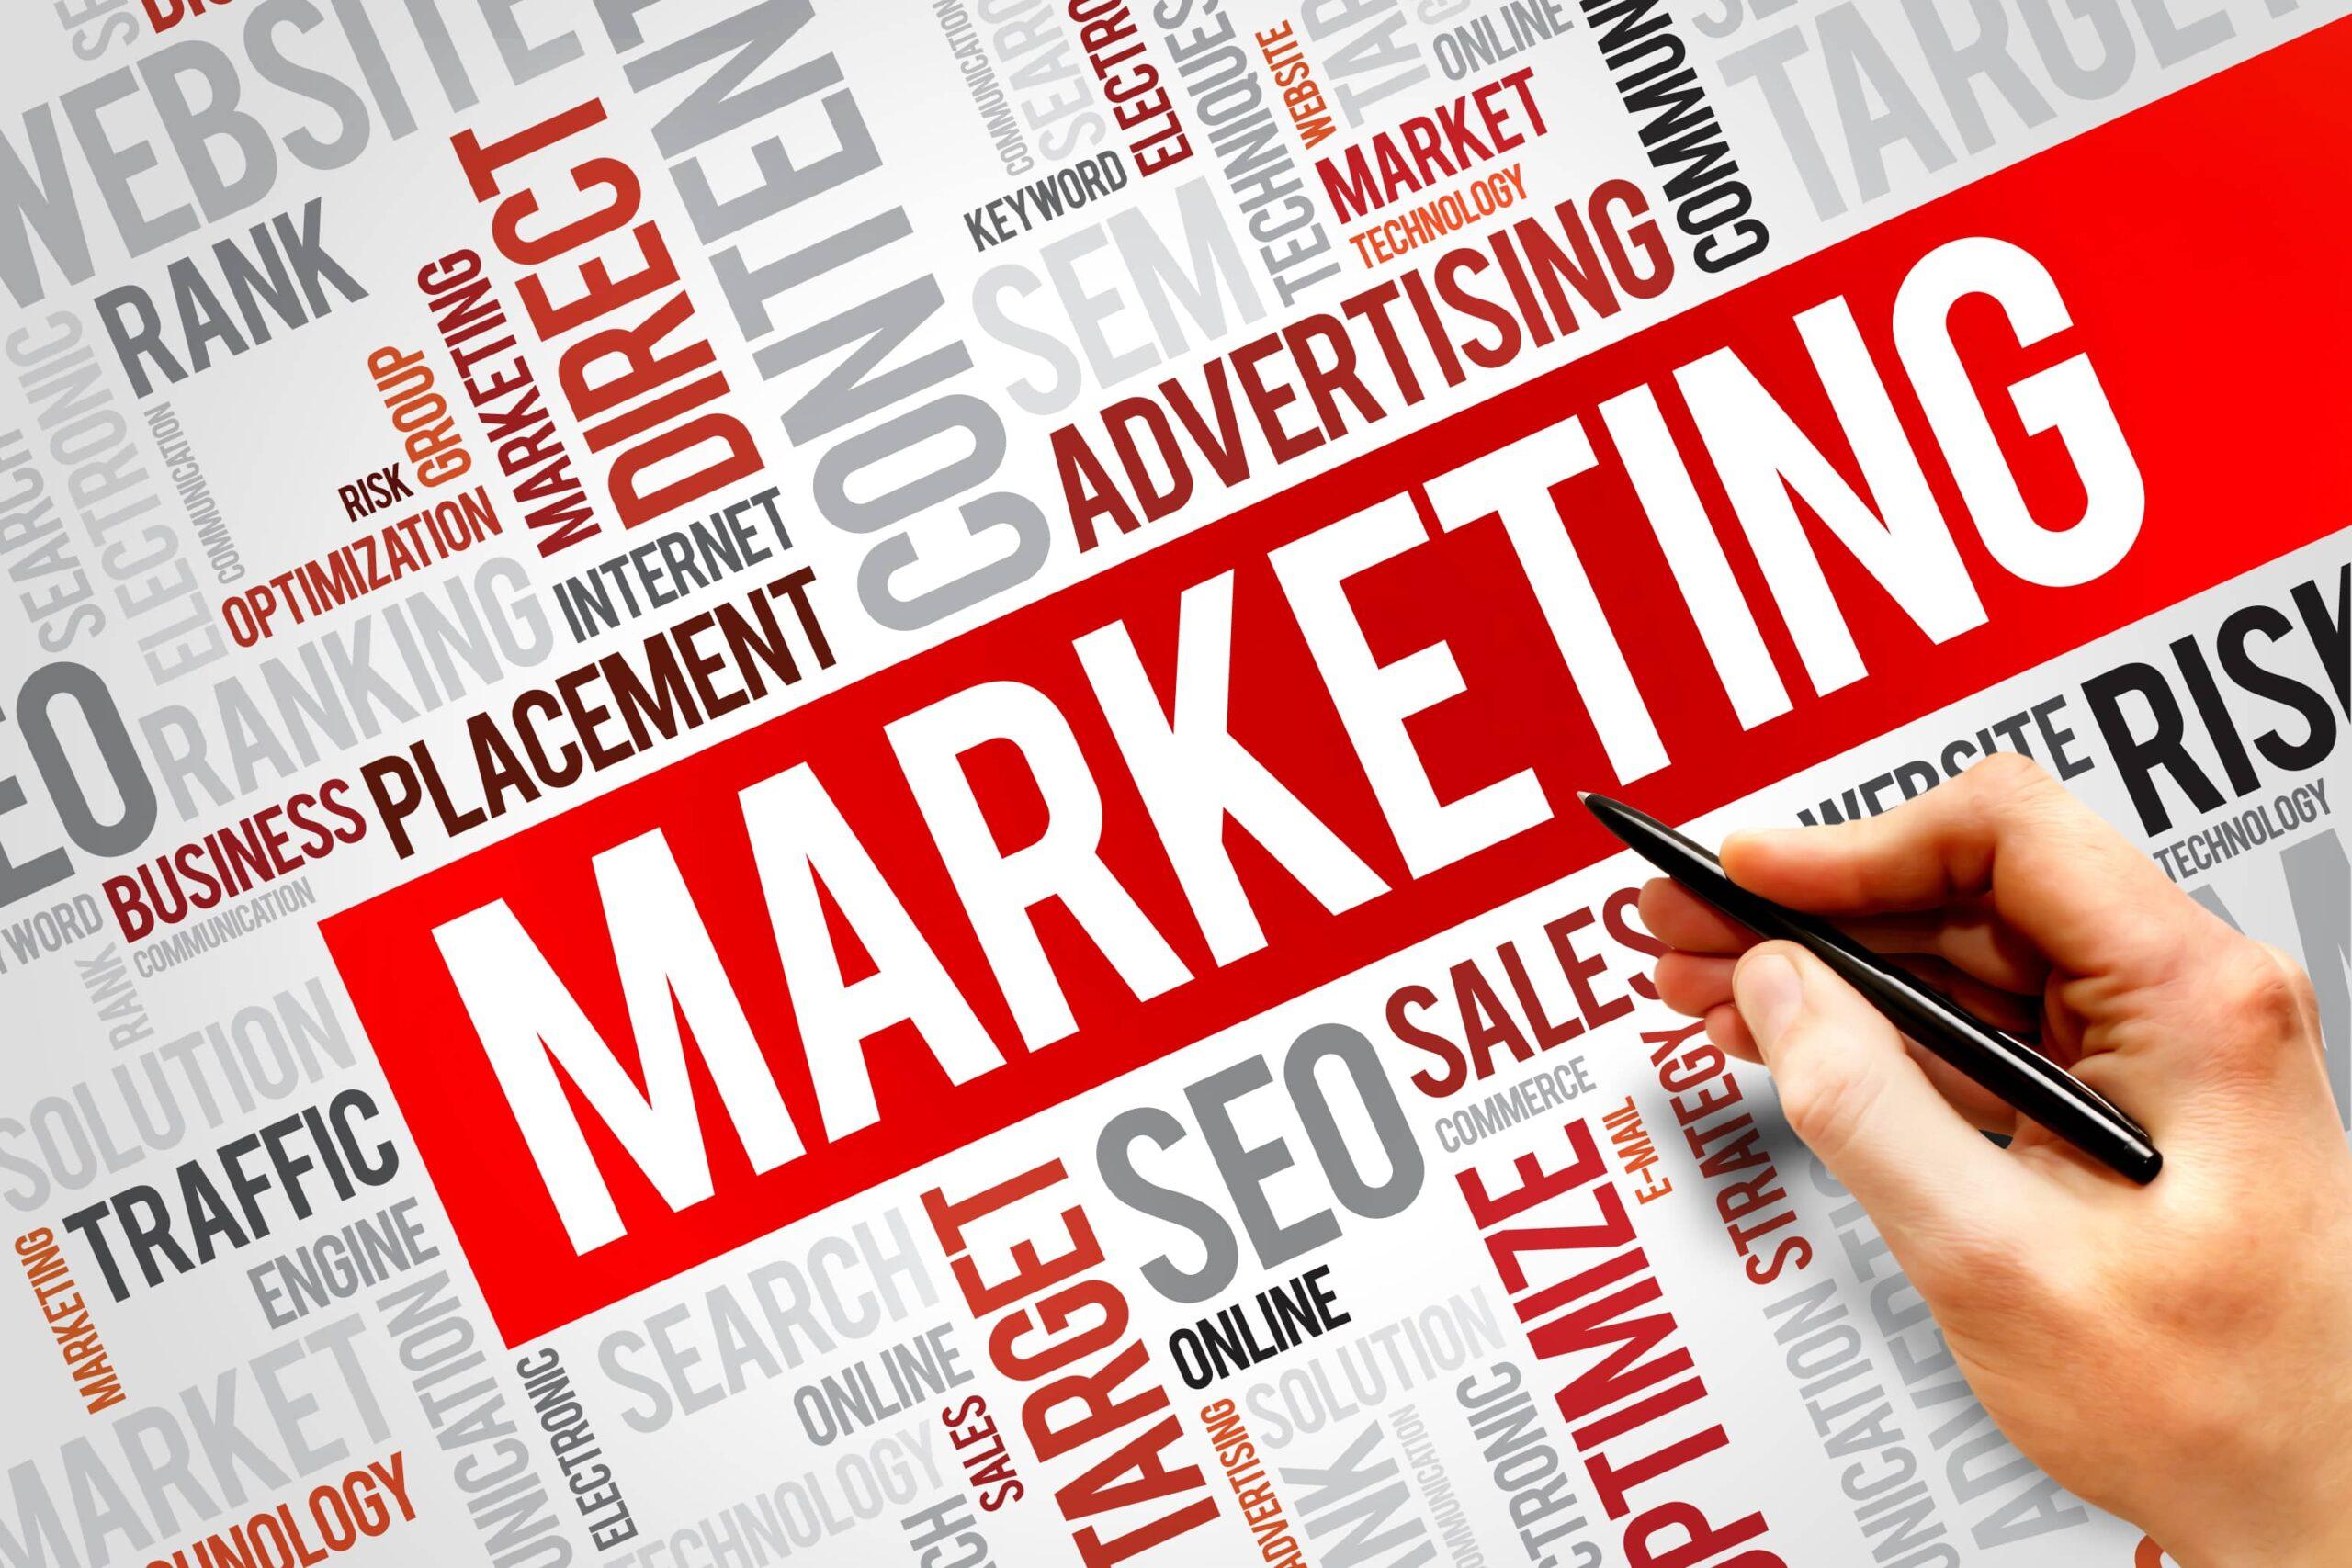 agencias-marketing-online-y-digital-en-avila